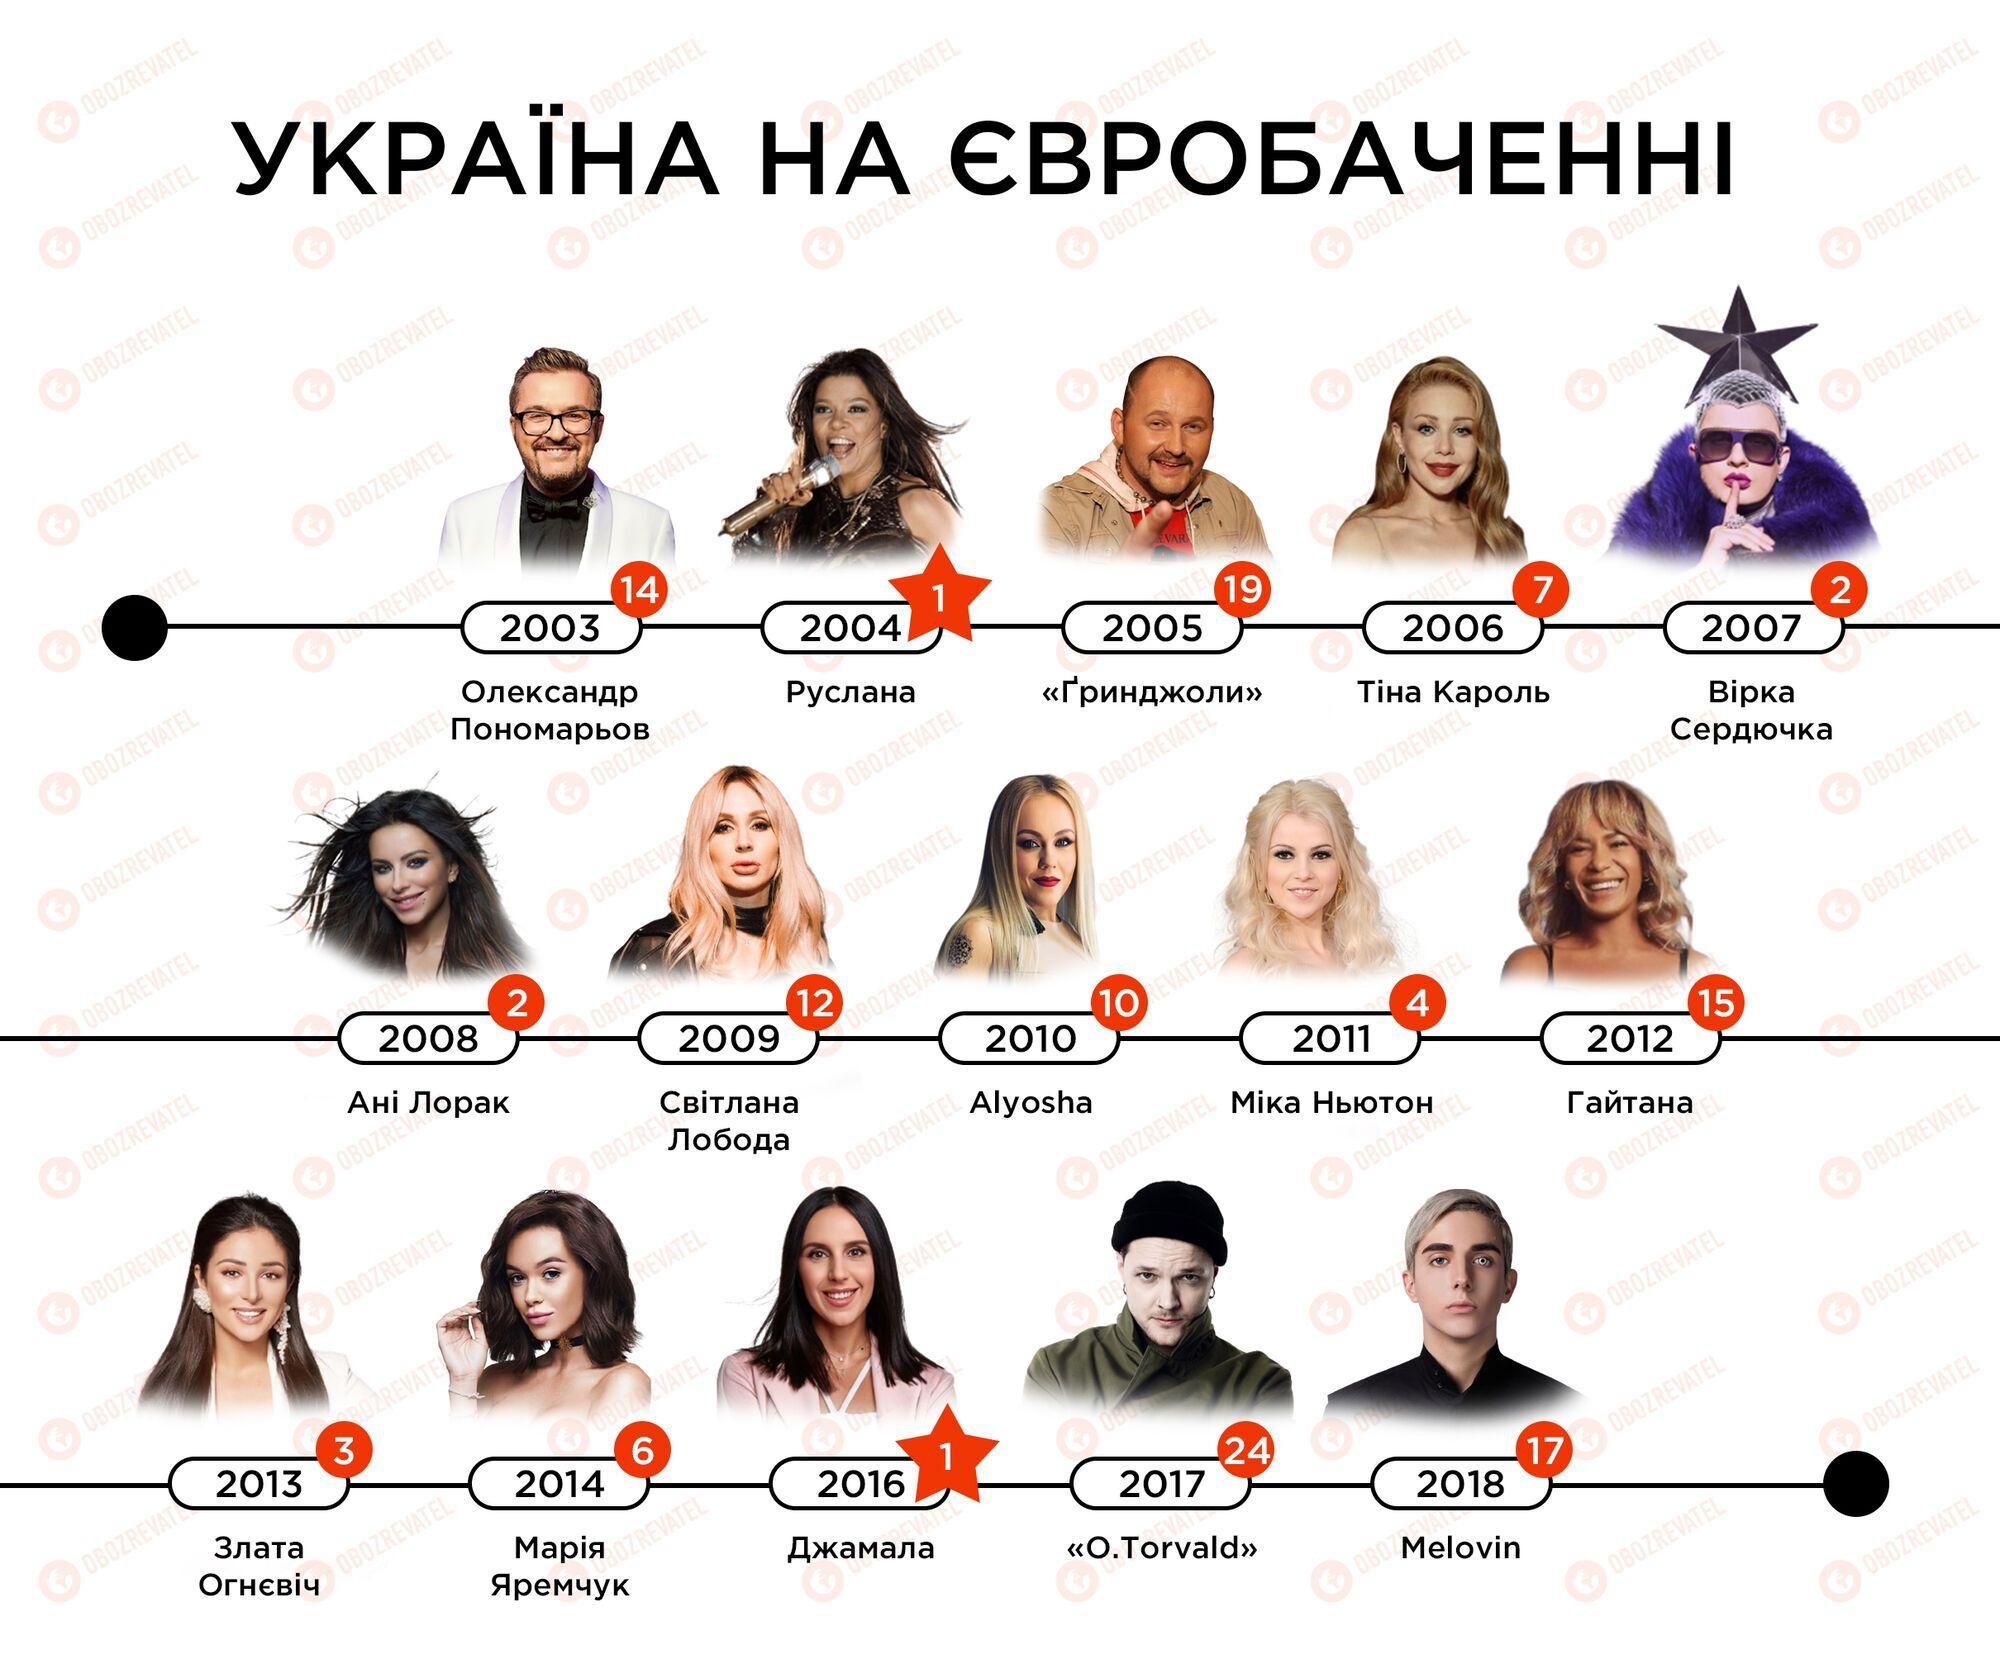 Евровидение 2021: победитель определен и как выступила Украина: итоговая таблица. ВИДЕО 2